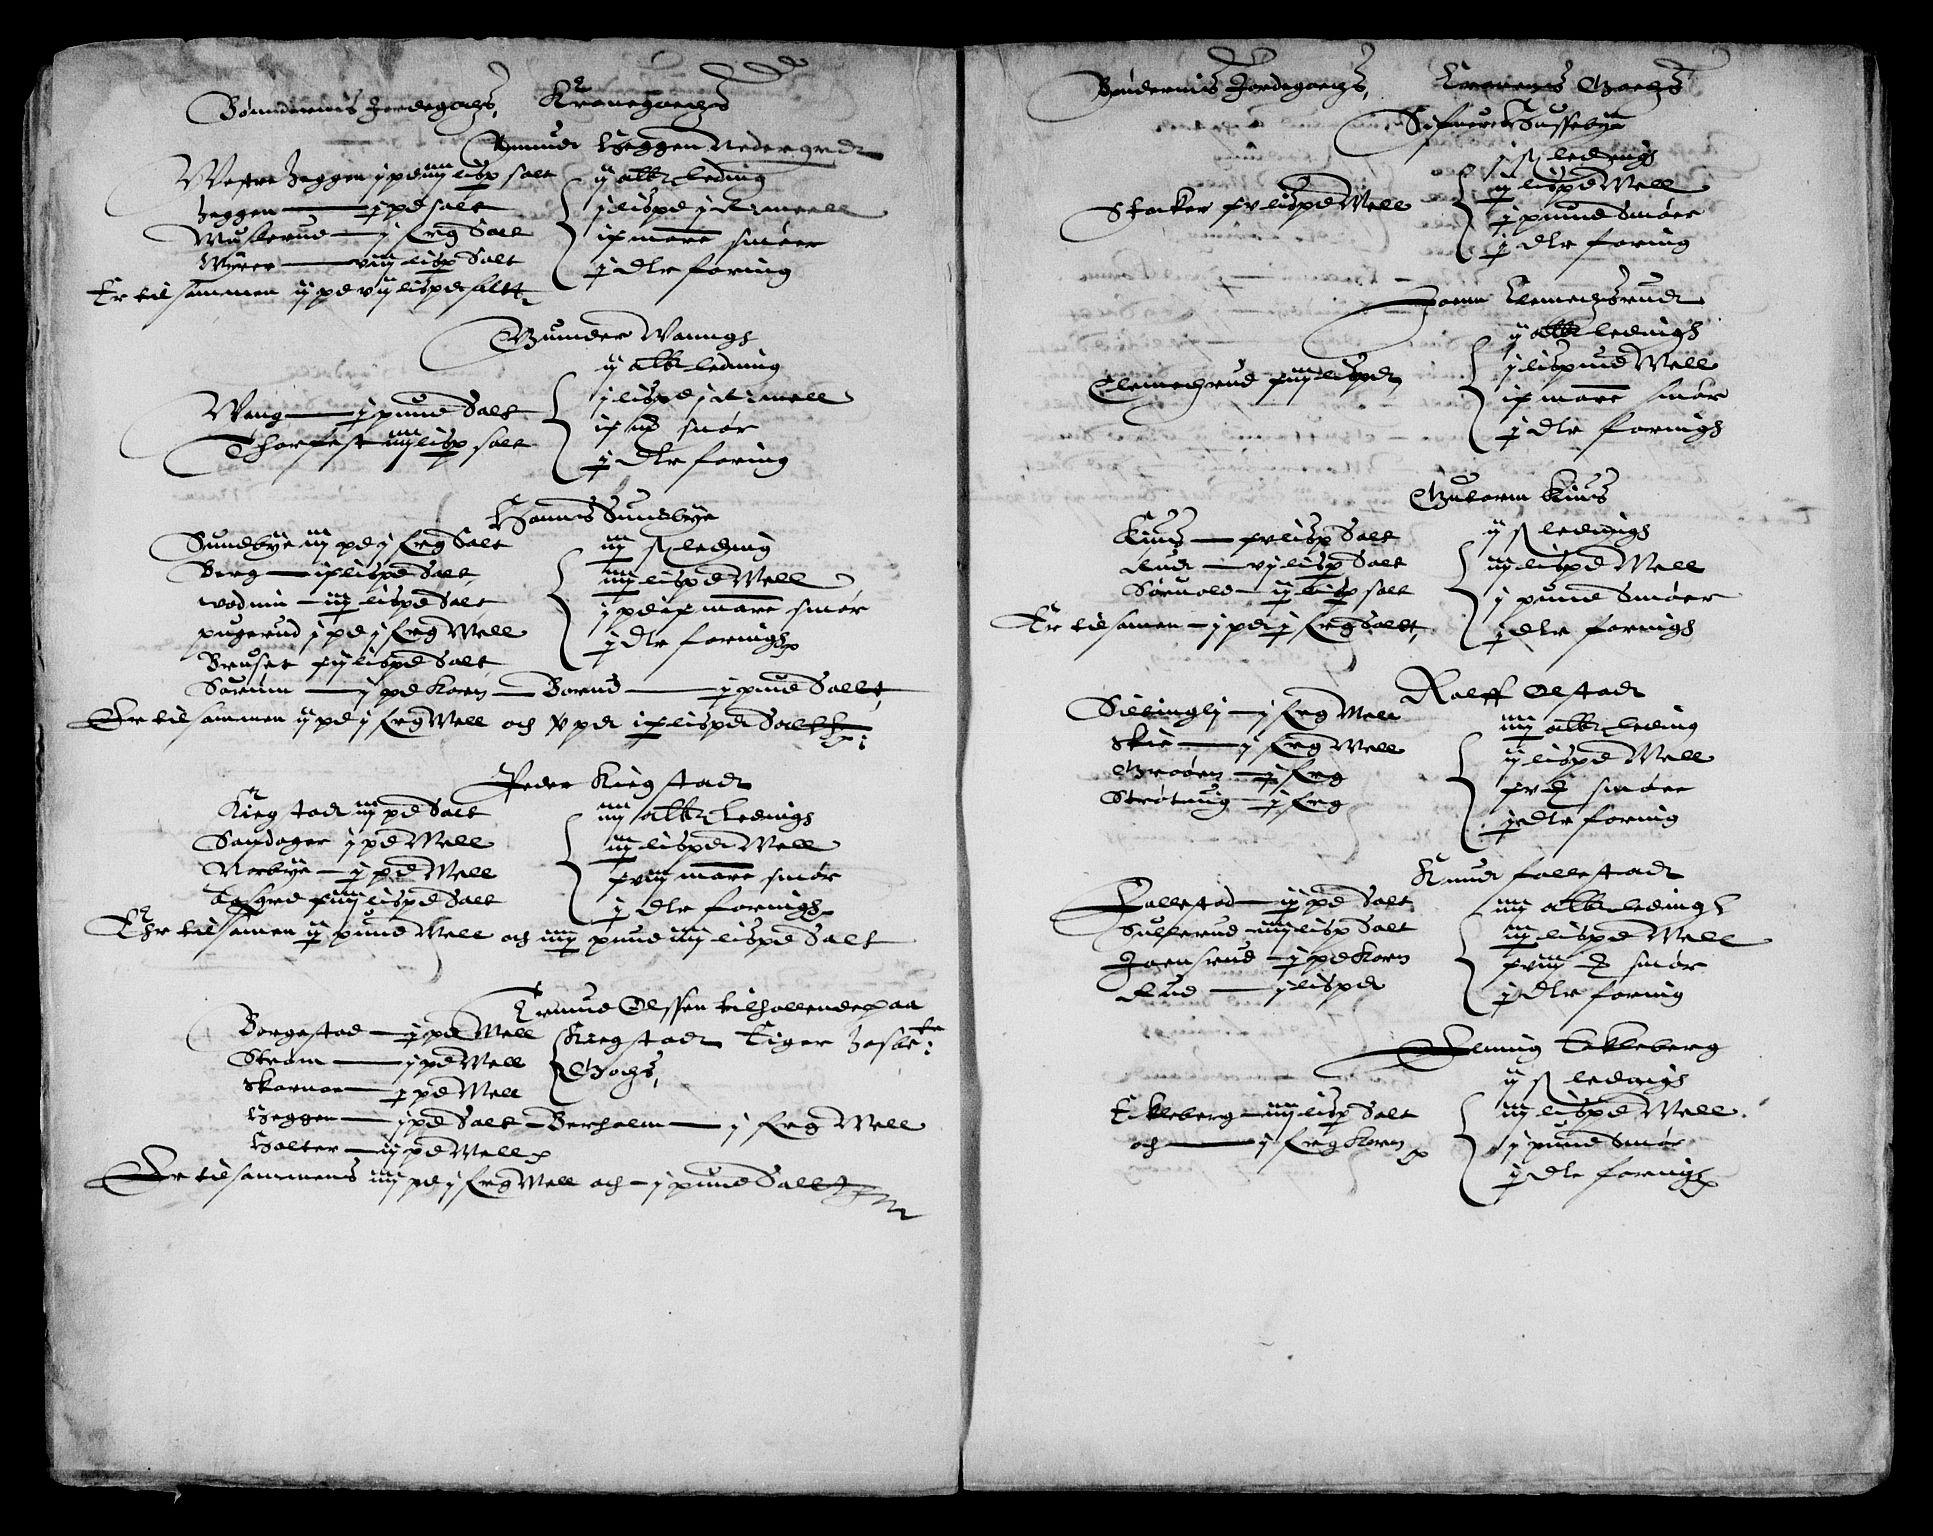 RA, Danske Kanselli, Skapsaker, F/L0038: Skap 9, pakke 324-350, 1615-1721, s. 202